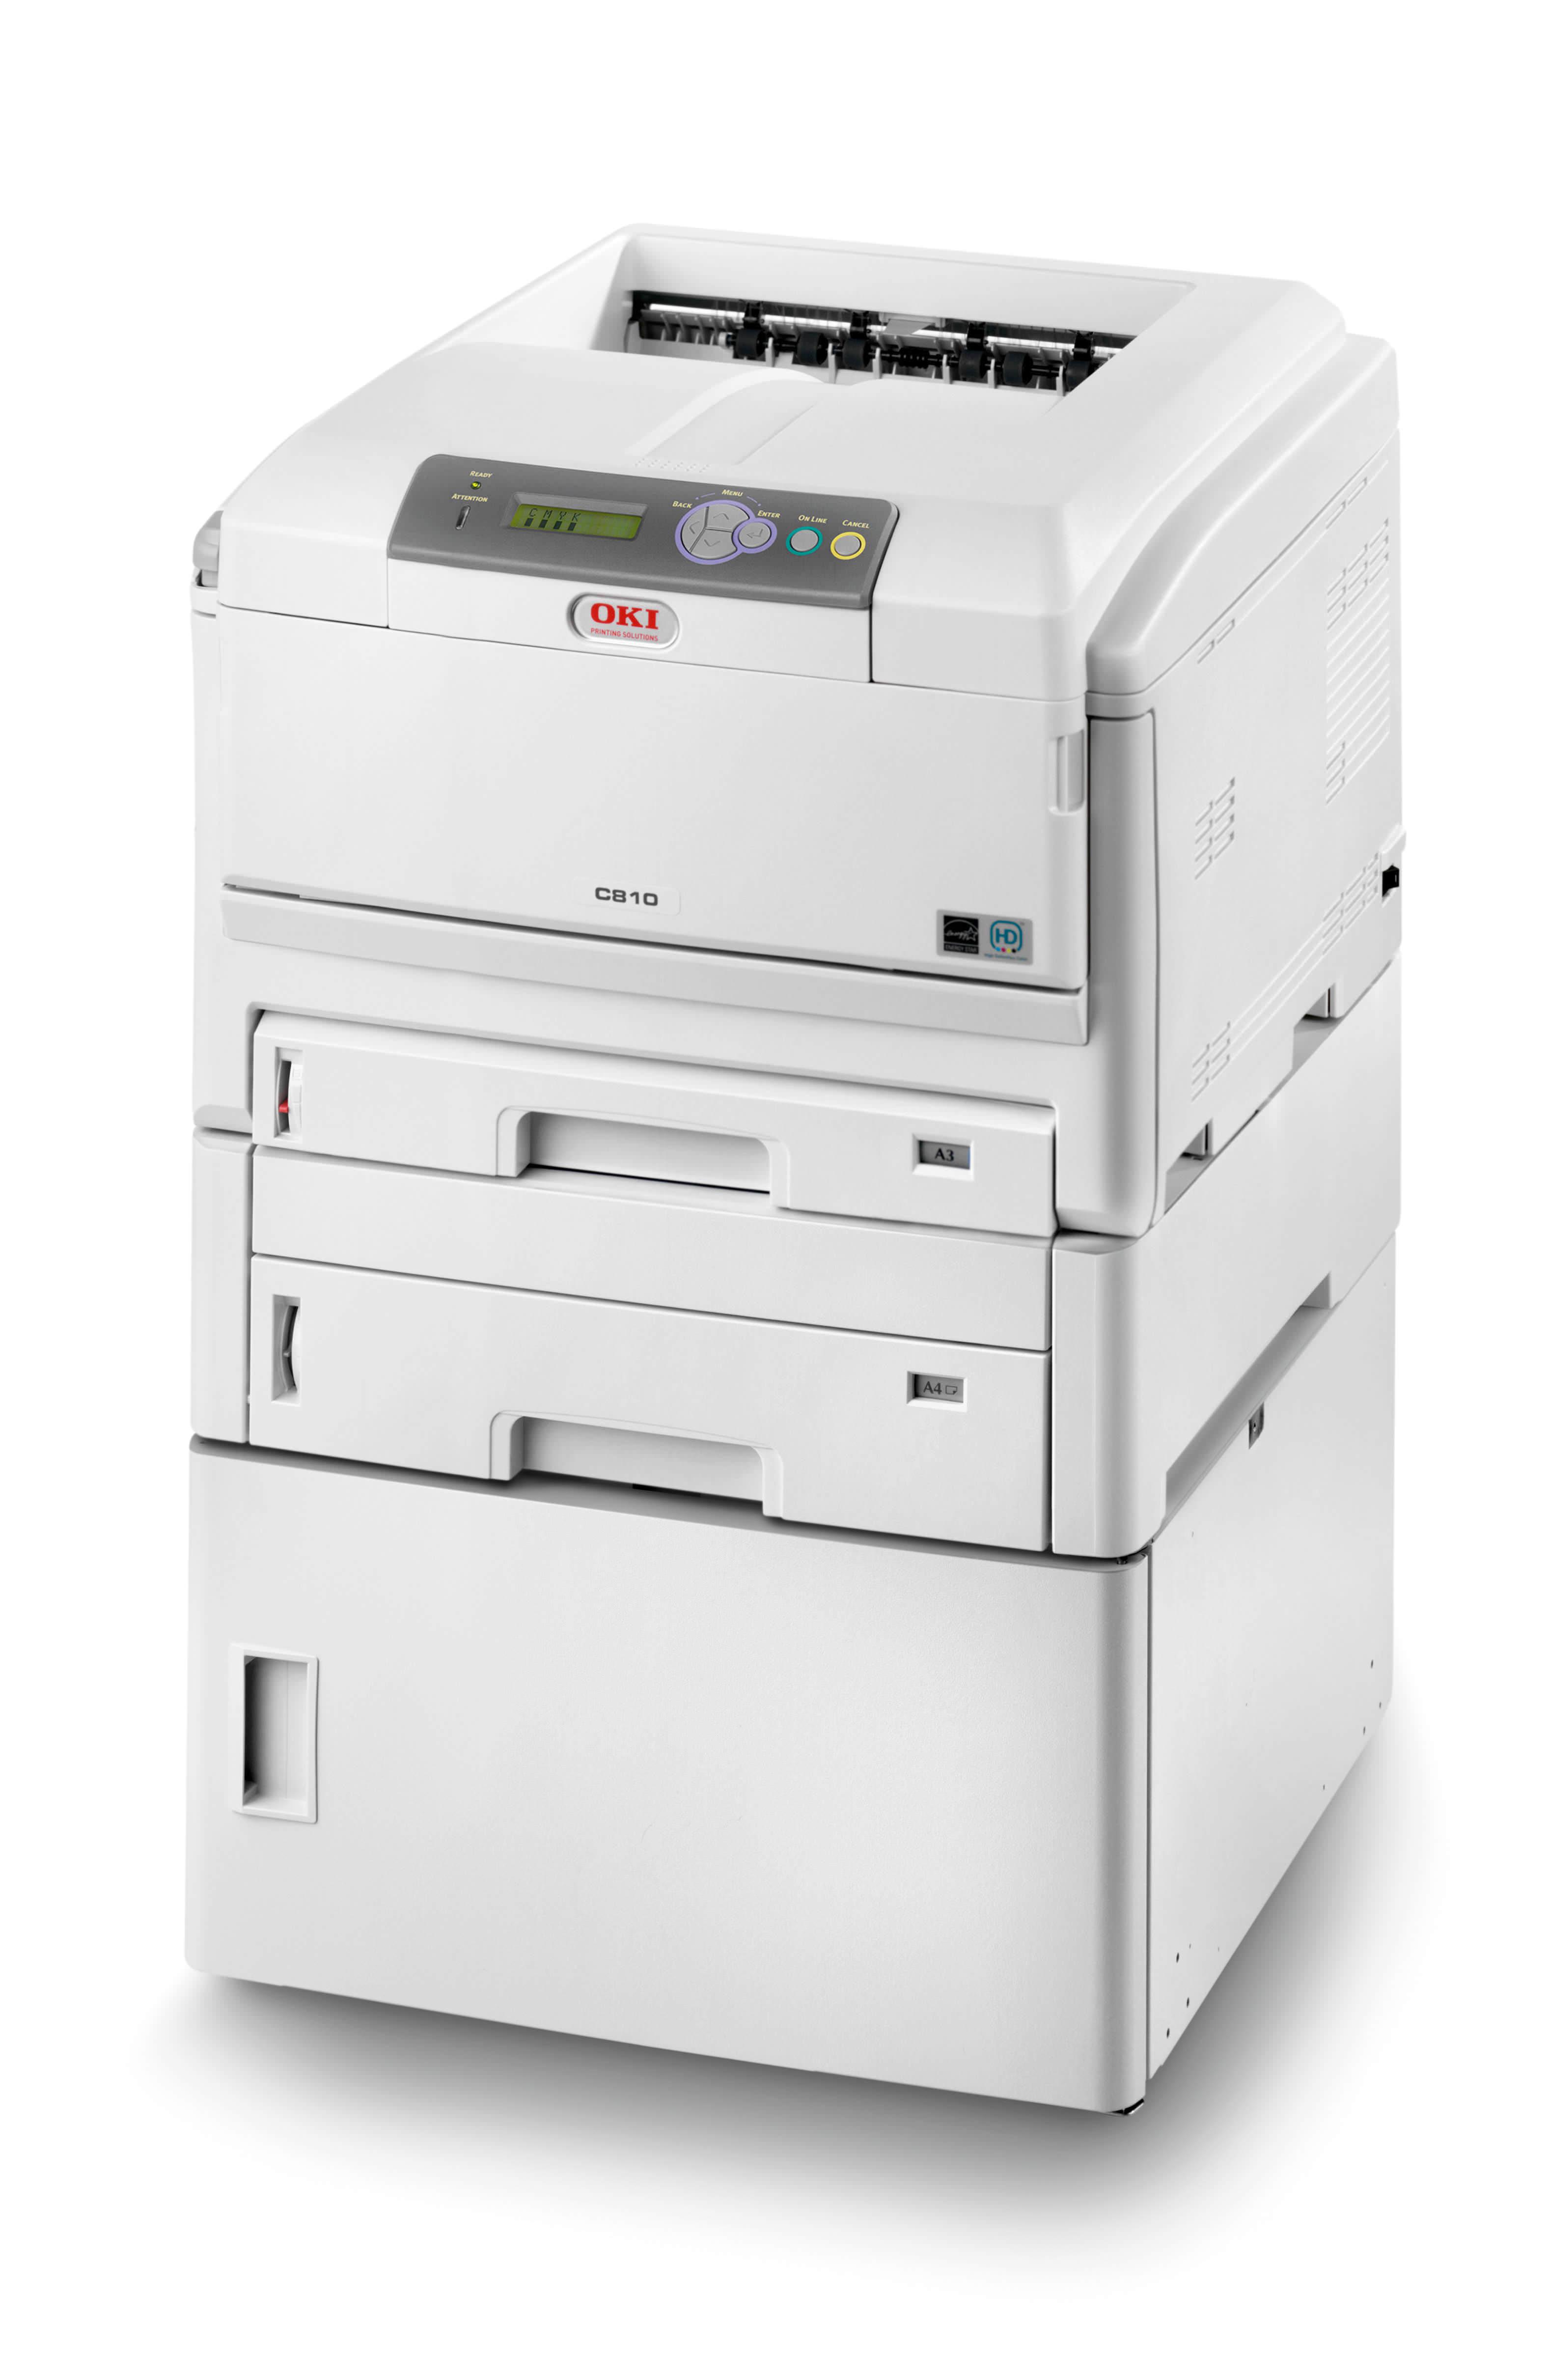 Impresoras laser a3 - Impresoras para oficina ...